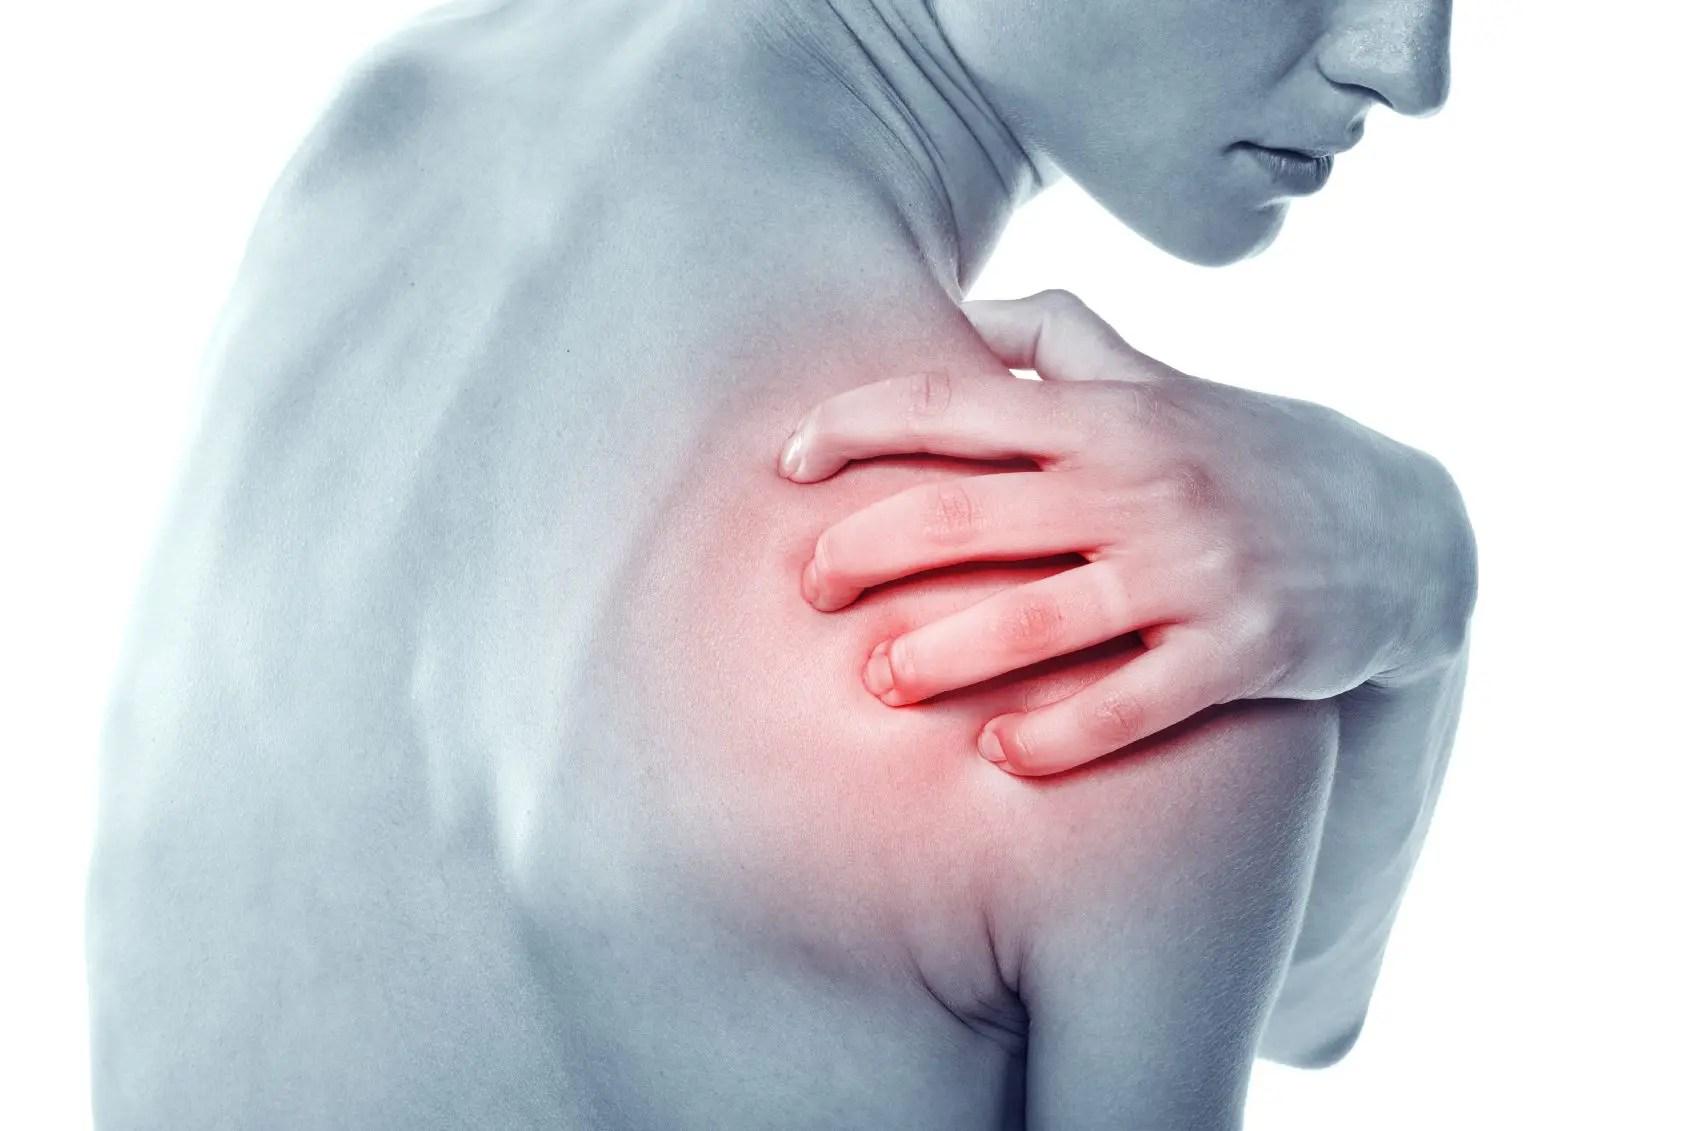 Vállfájdalom eredményes kezelése lökéshullámmal